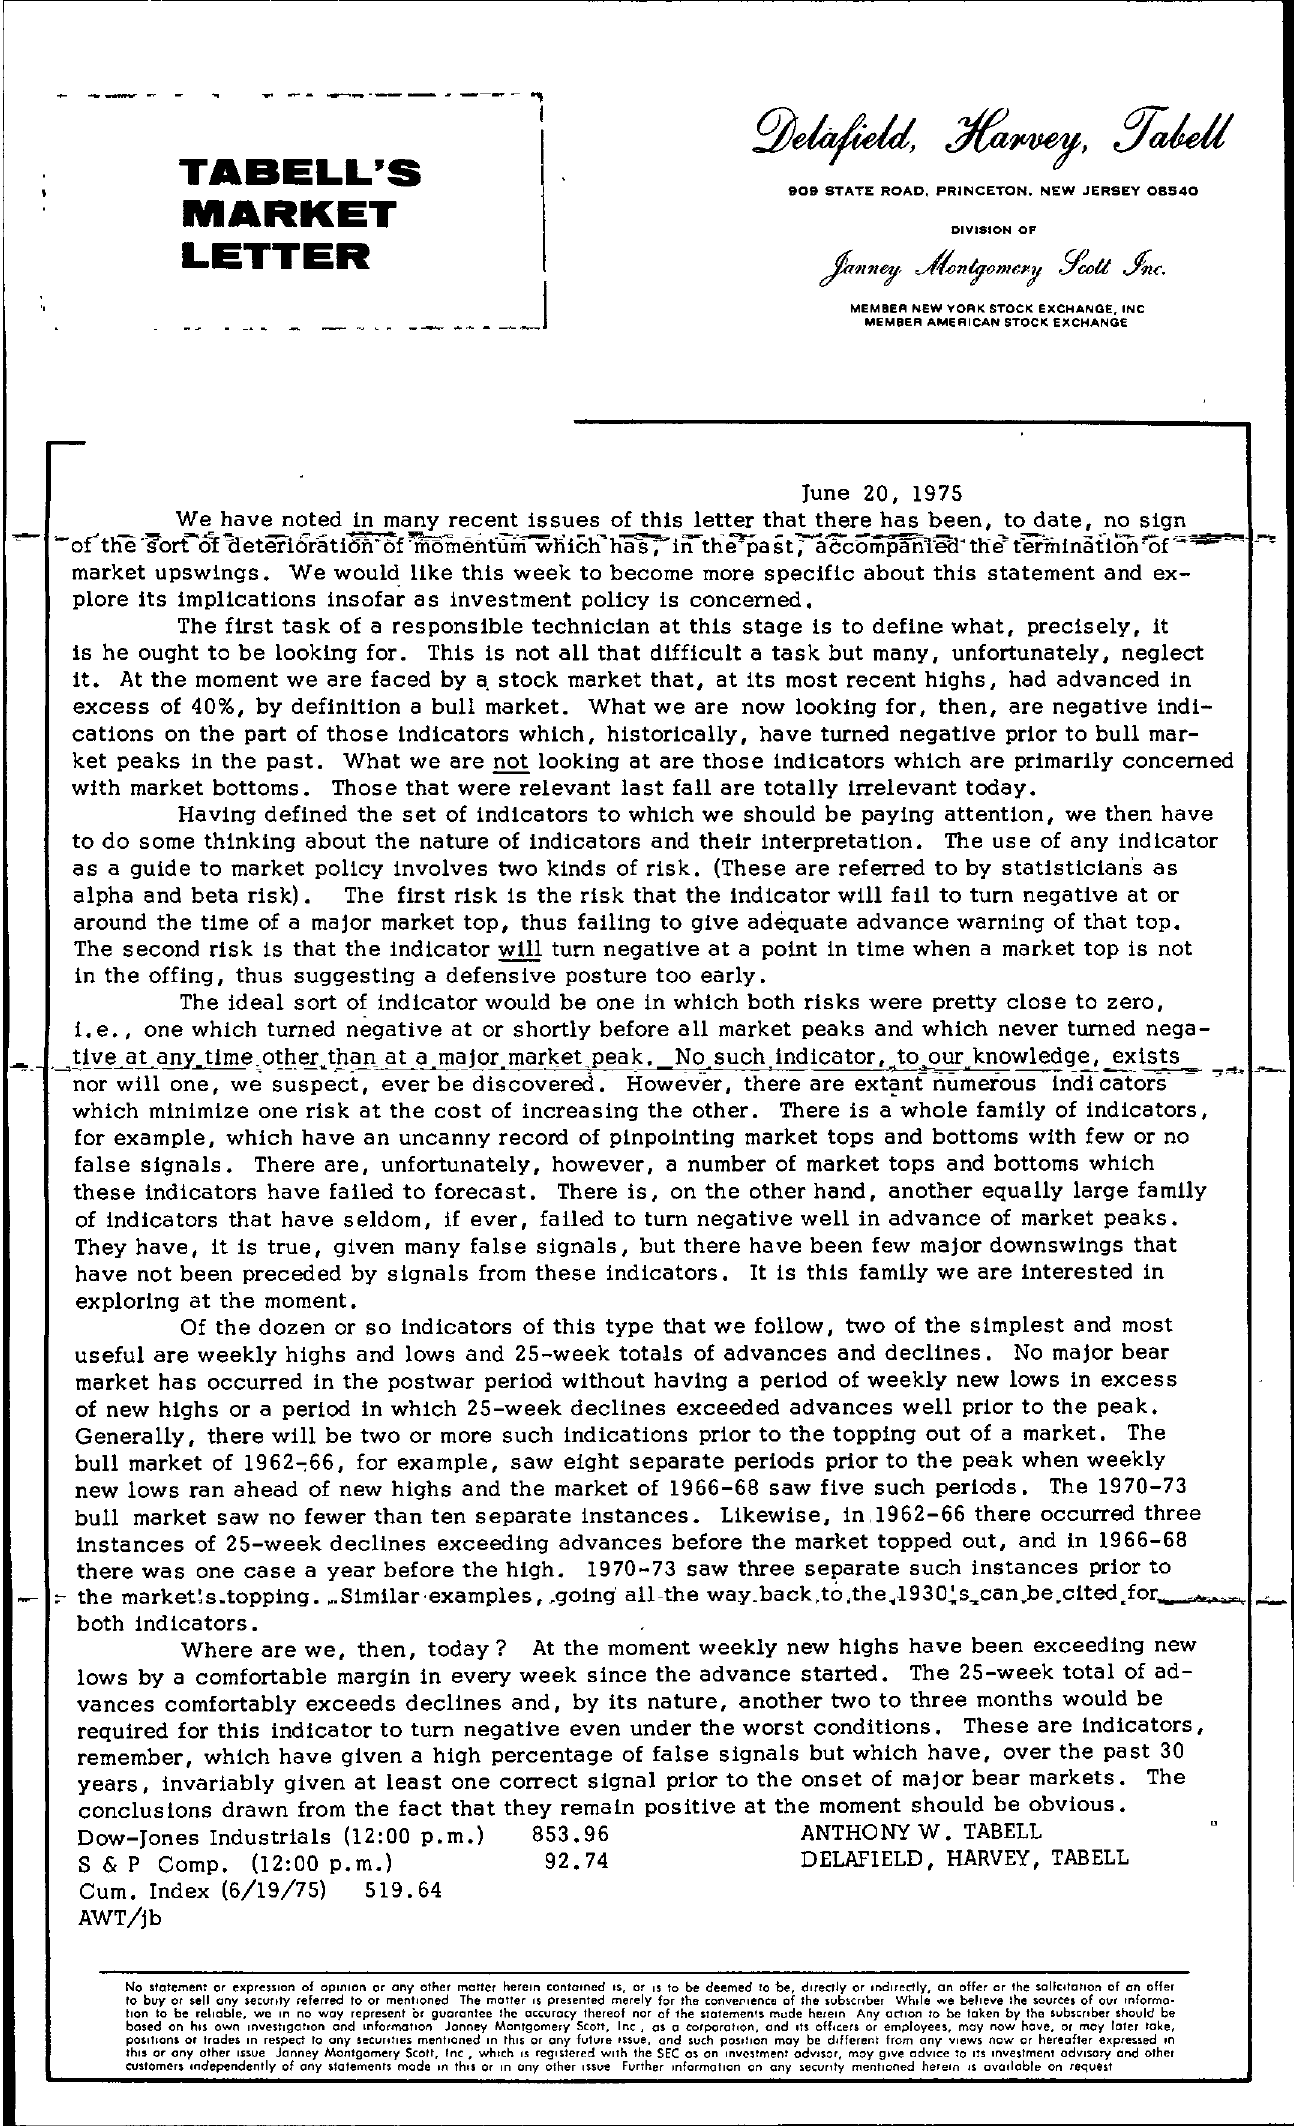 Tabell's Market Letter - June 20, 1975